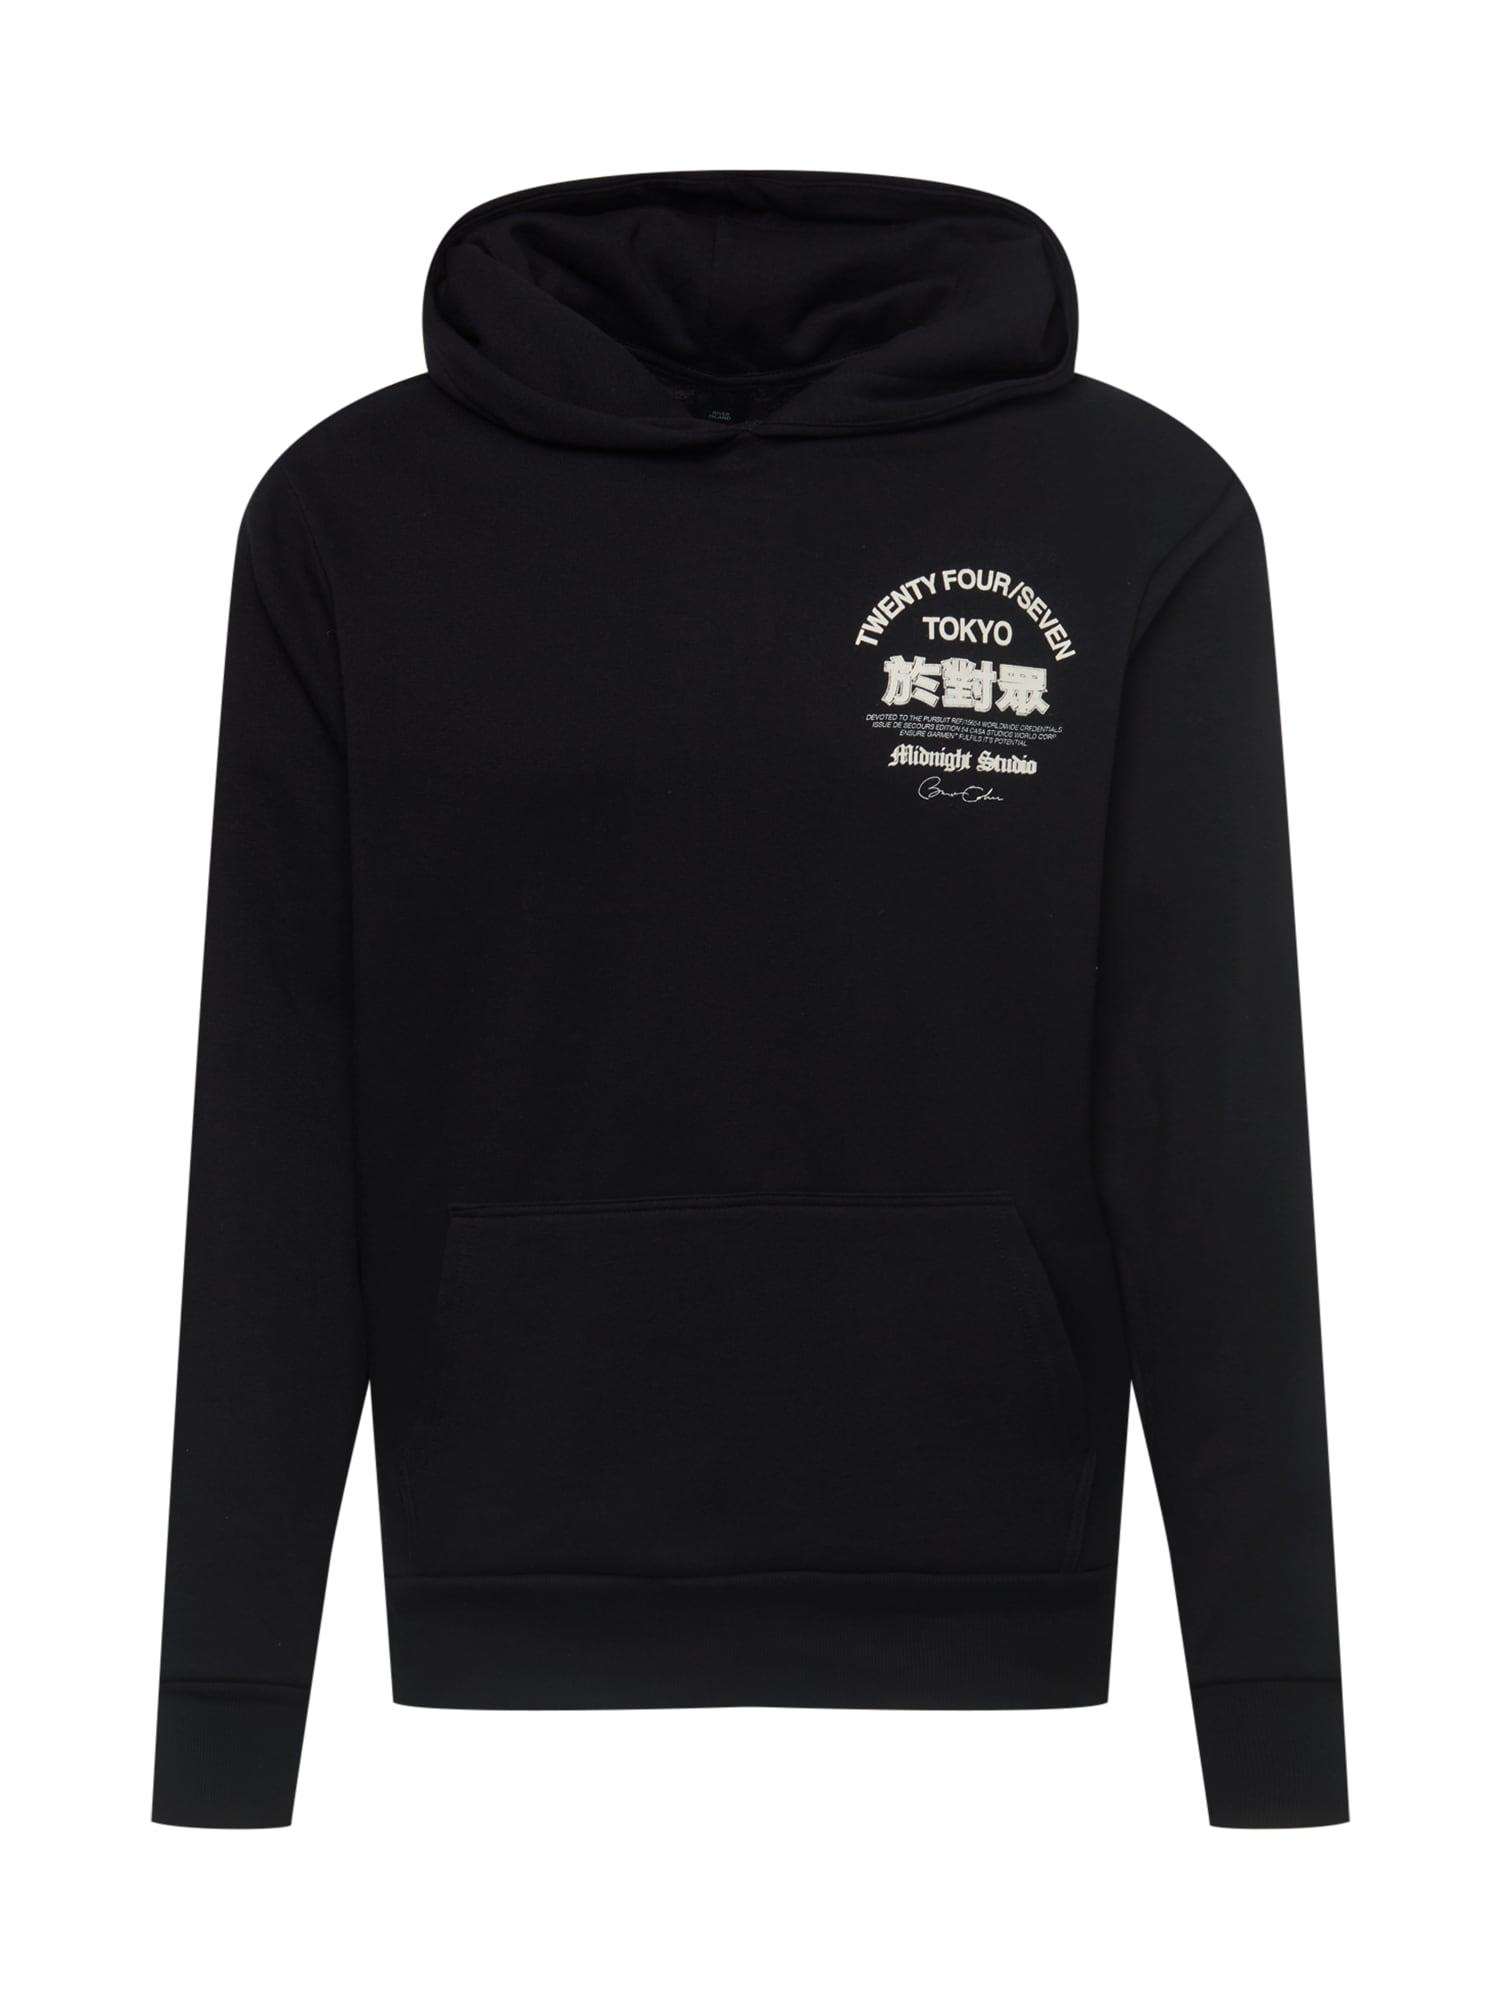 River Island Sweat-shirt 'METROPOLE PARIS'  - Noir - Taille: S - male